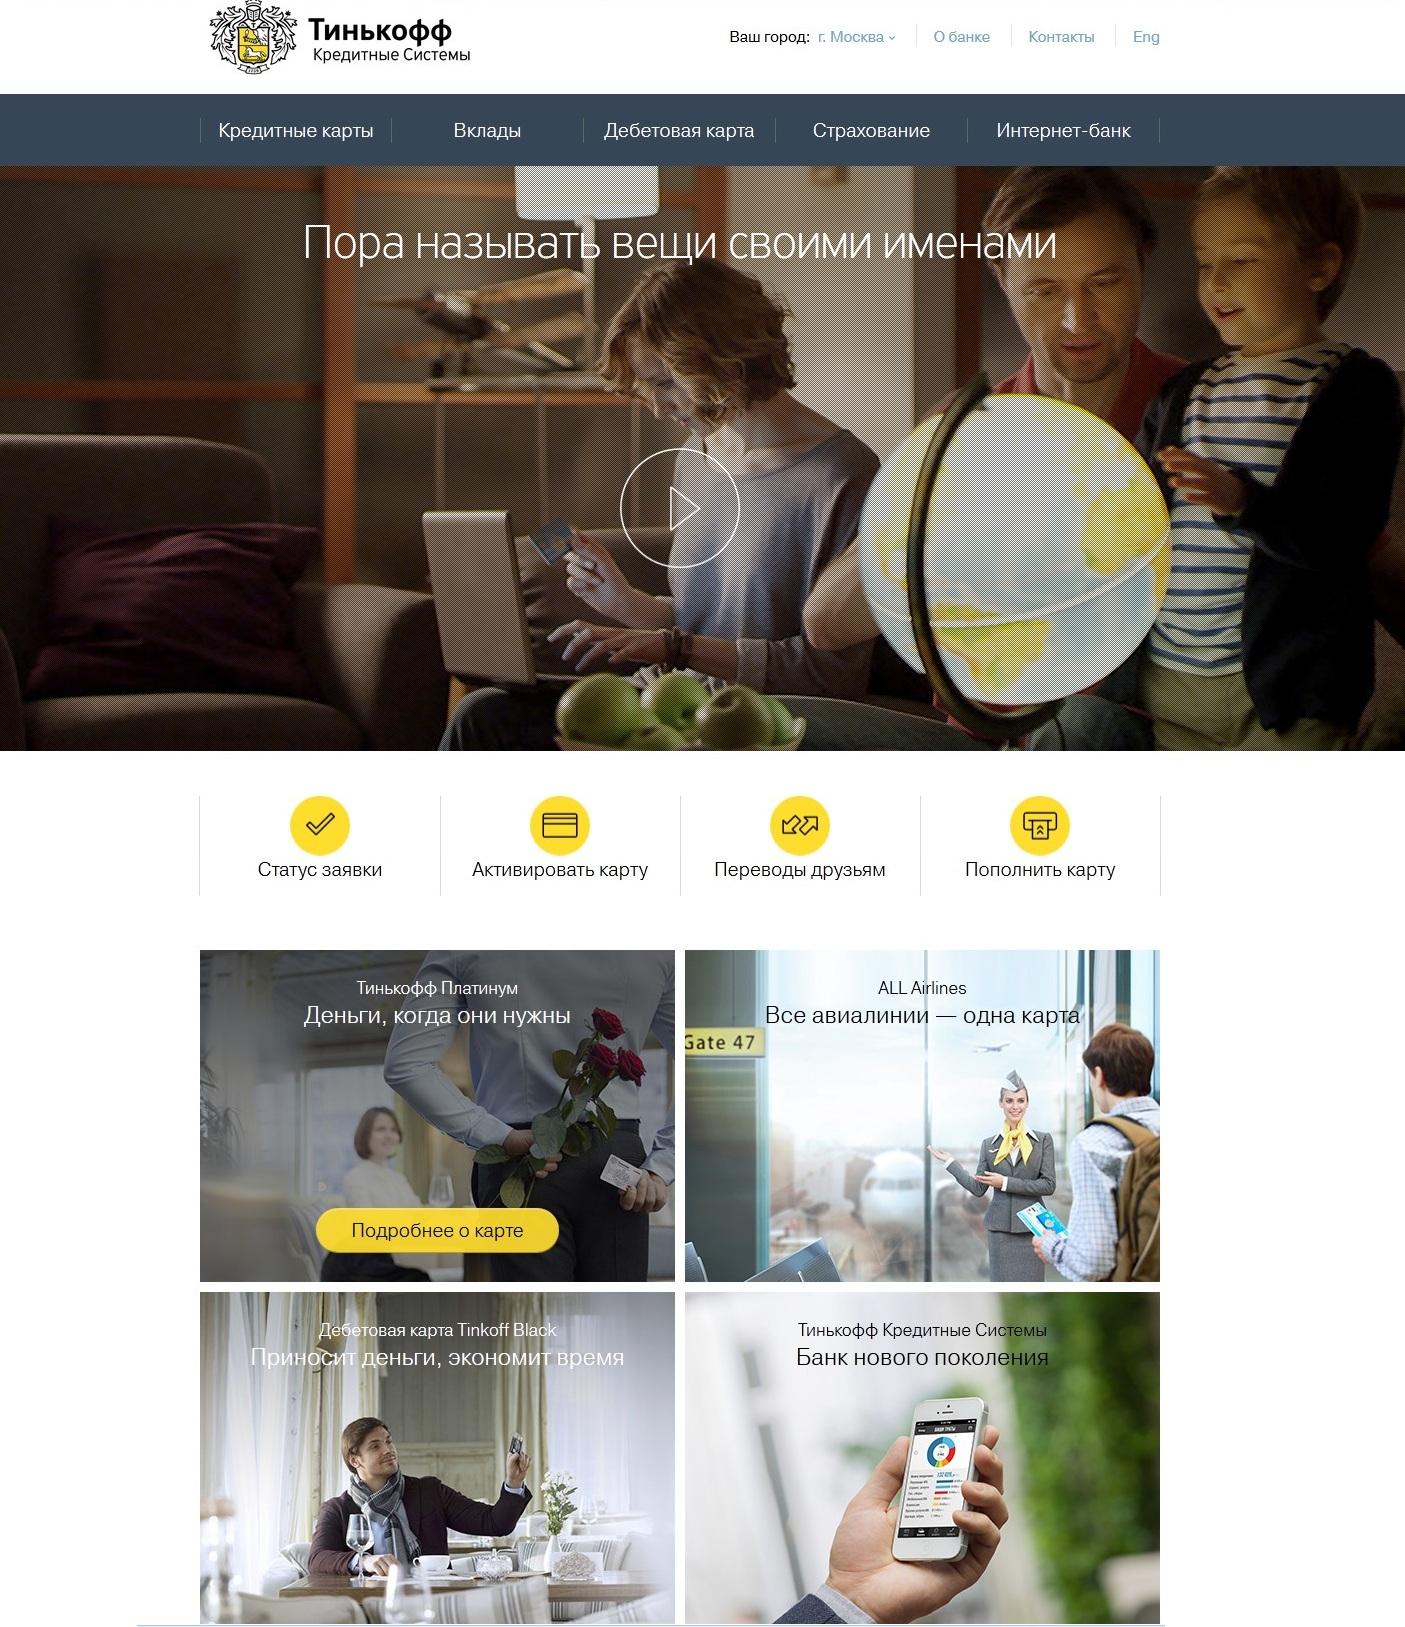 новый сайт банка Тинькофф Кредитные Системы